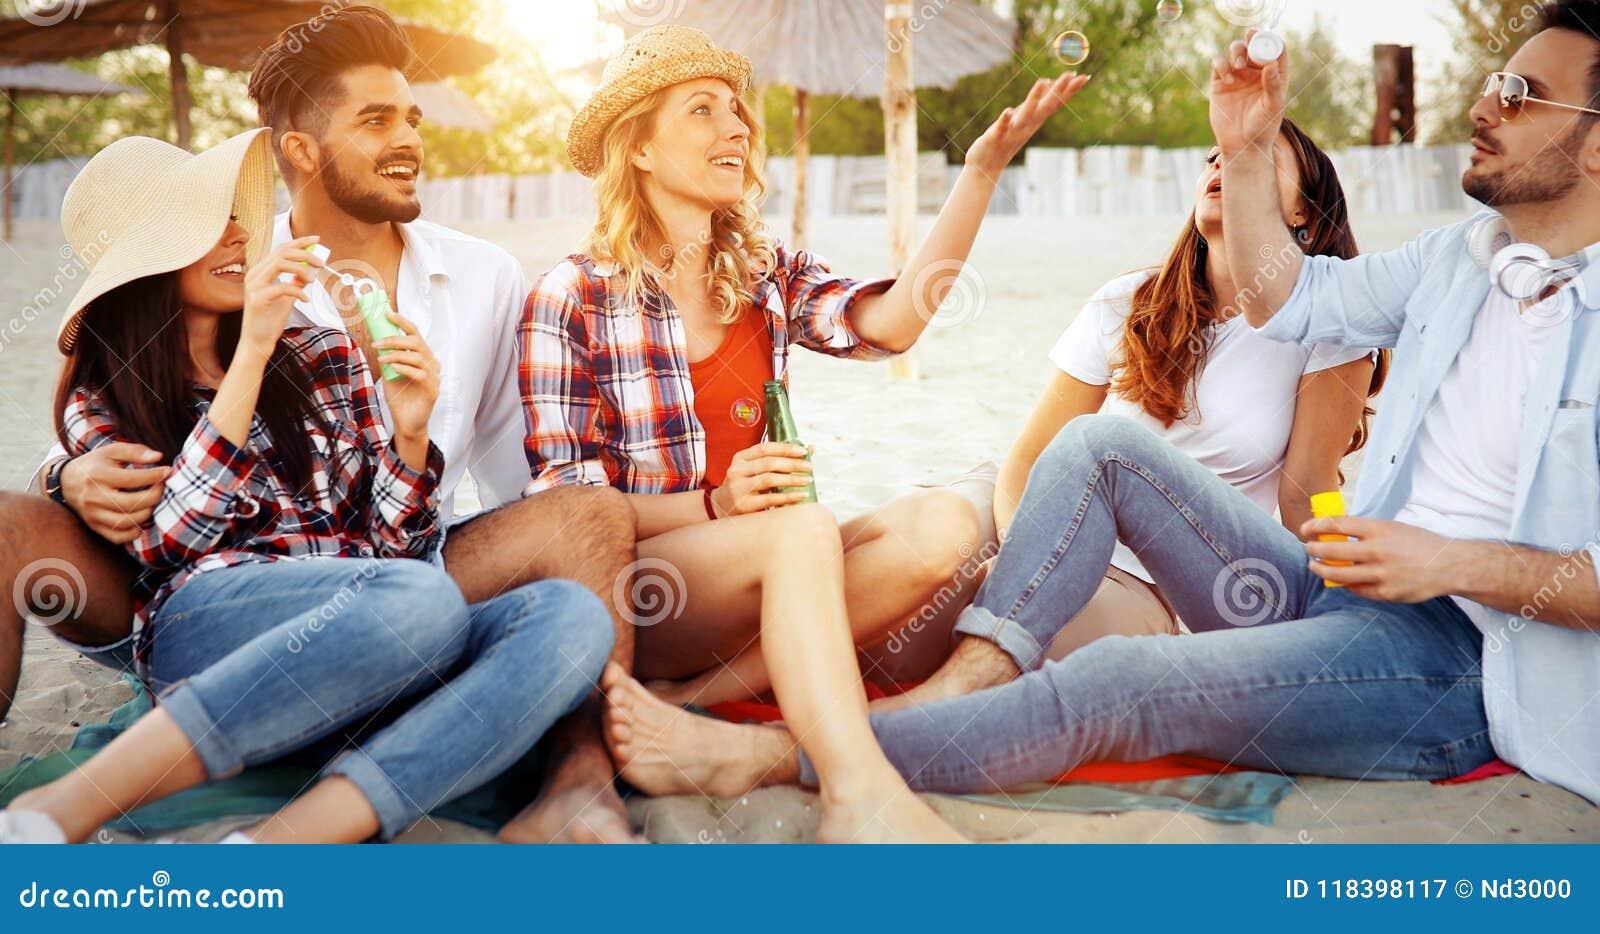 _groep van jong vrolijk mensen plakken aan elkaar en glimlachen